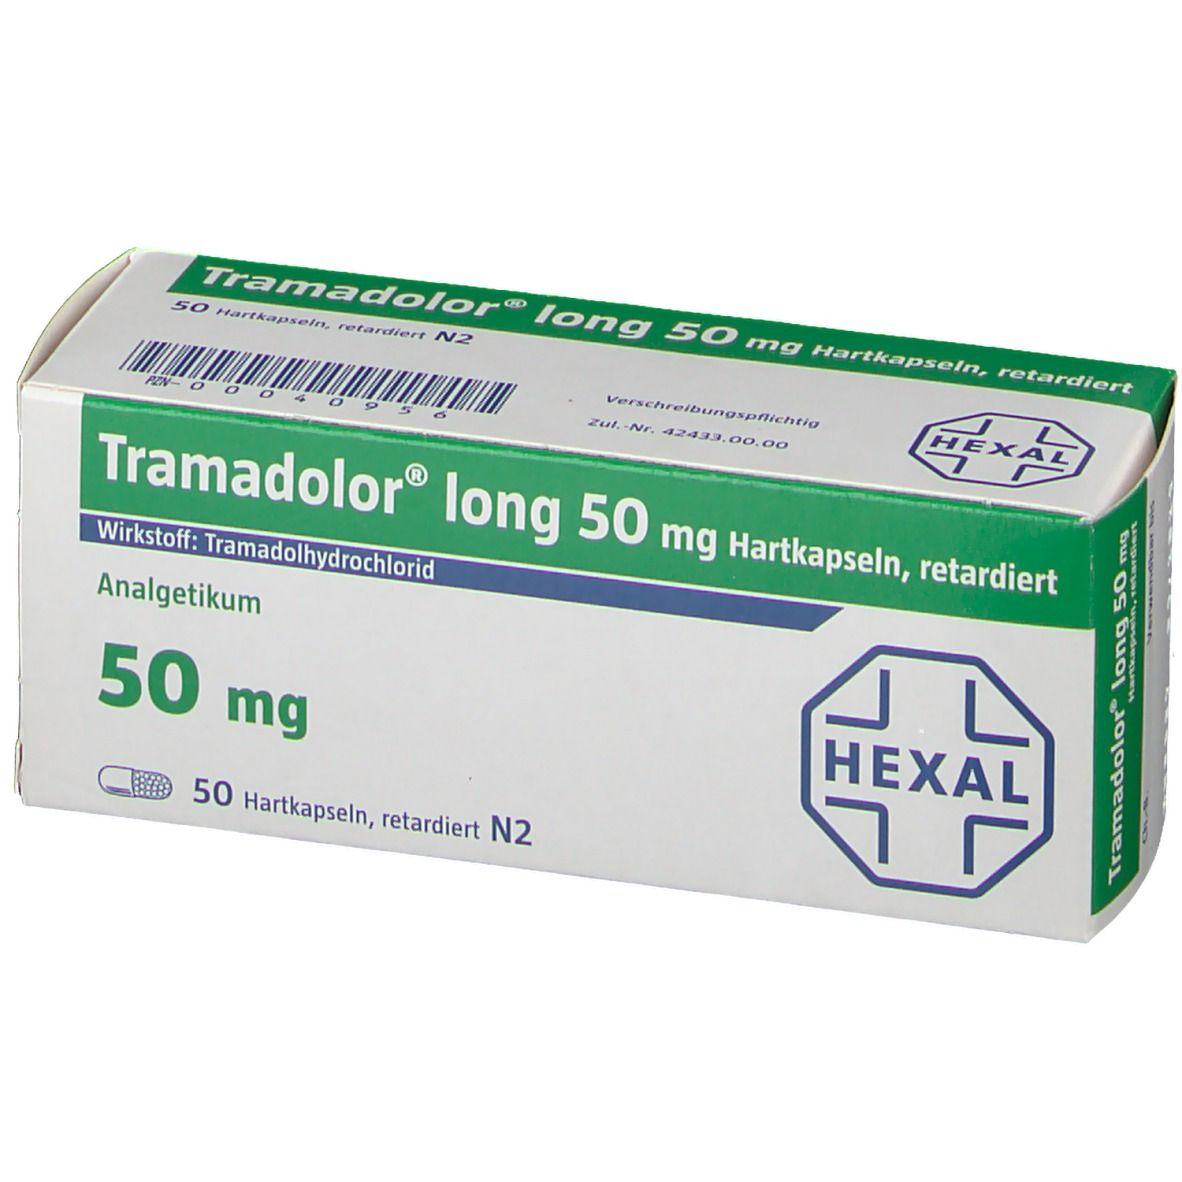 Tramadolor® long 50 mg Hartkapseln retardiert